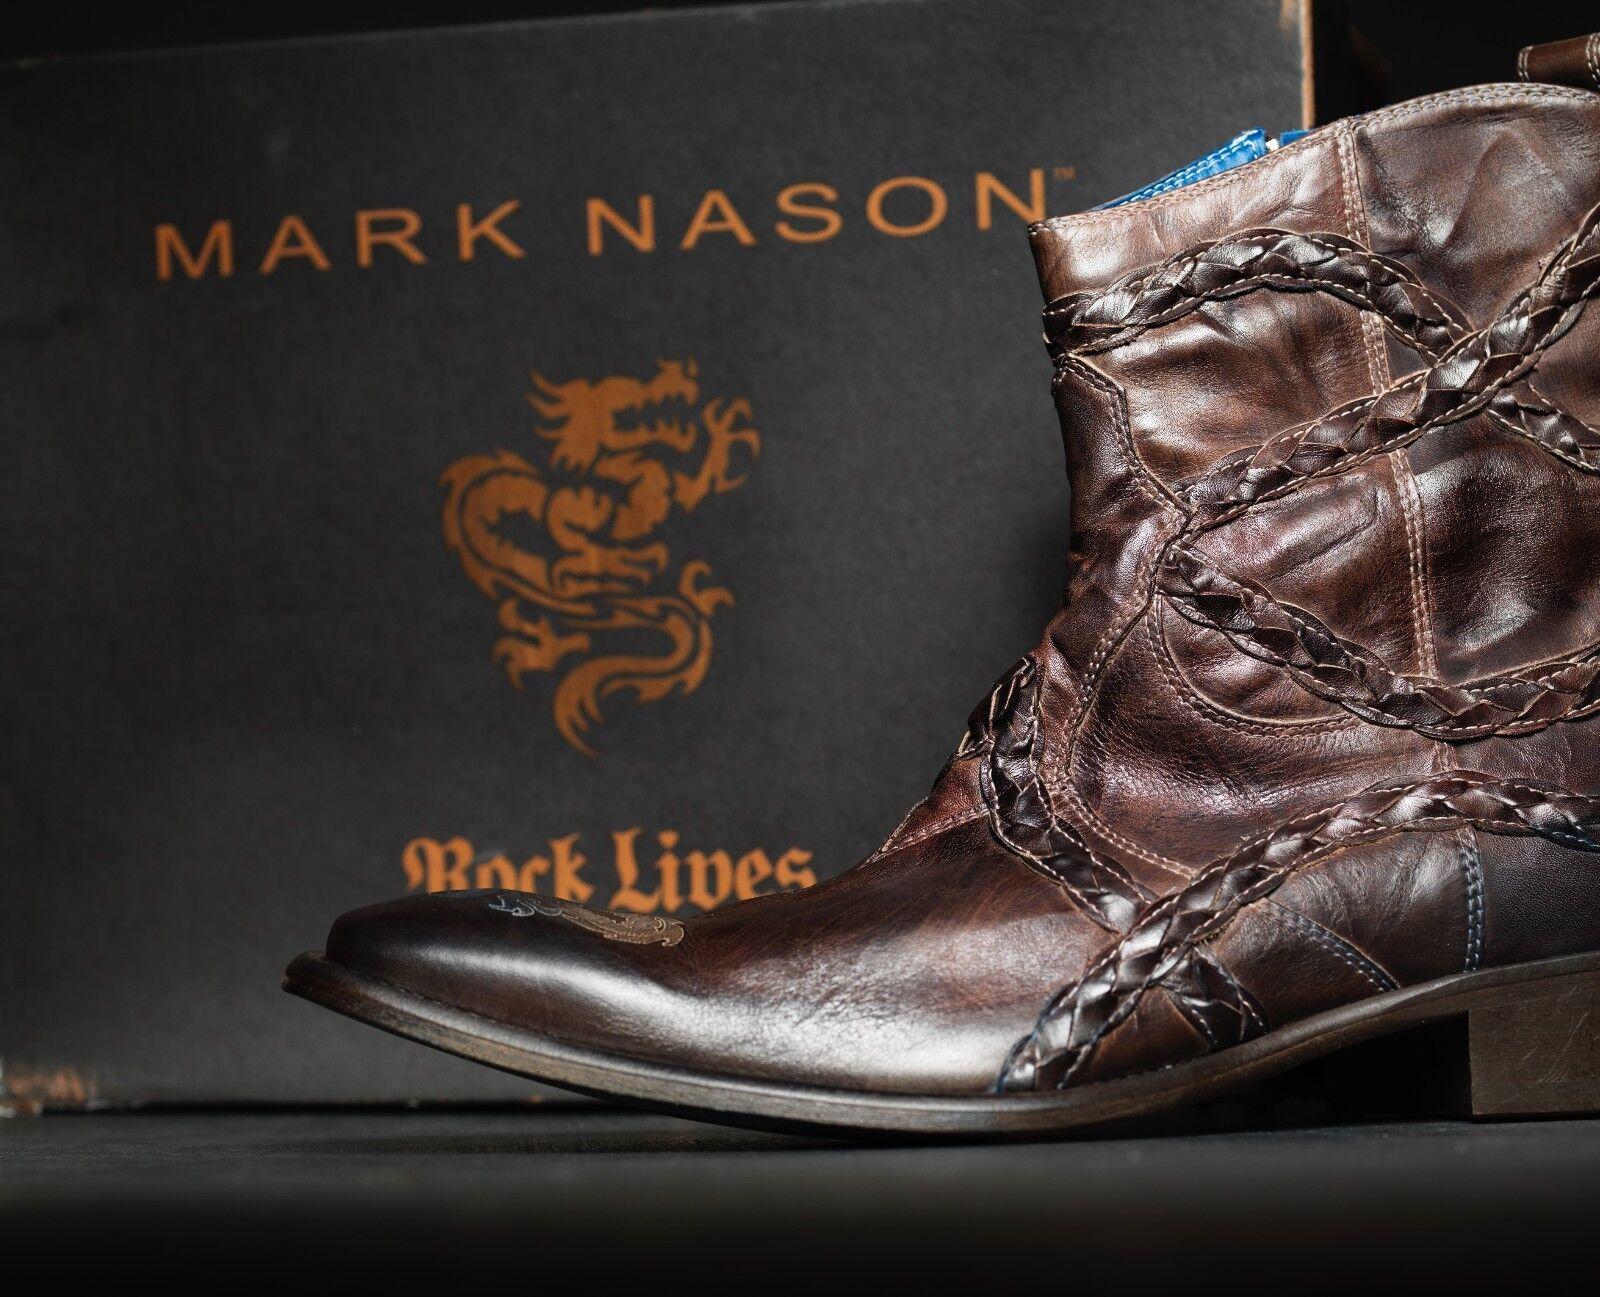 nuevo  Mark Nason Falcon Dragon Rock botas US 10 envejecido marrón ()